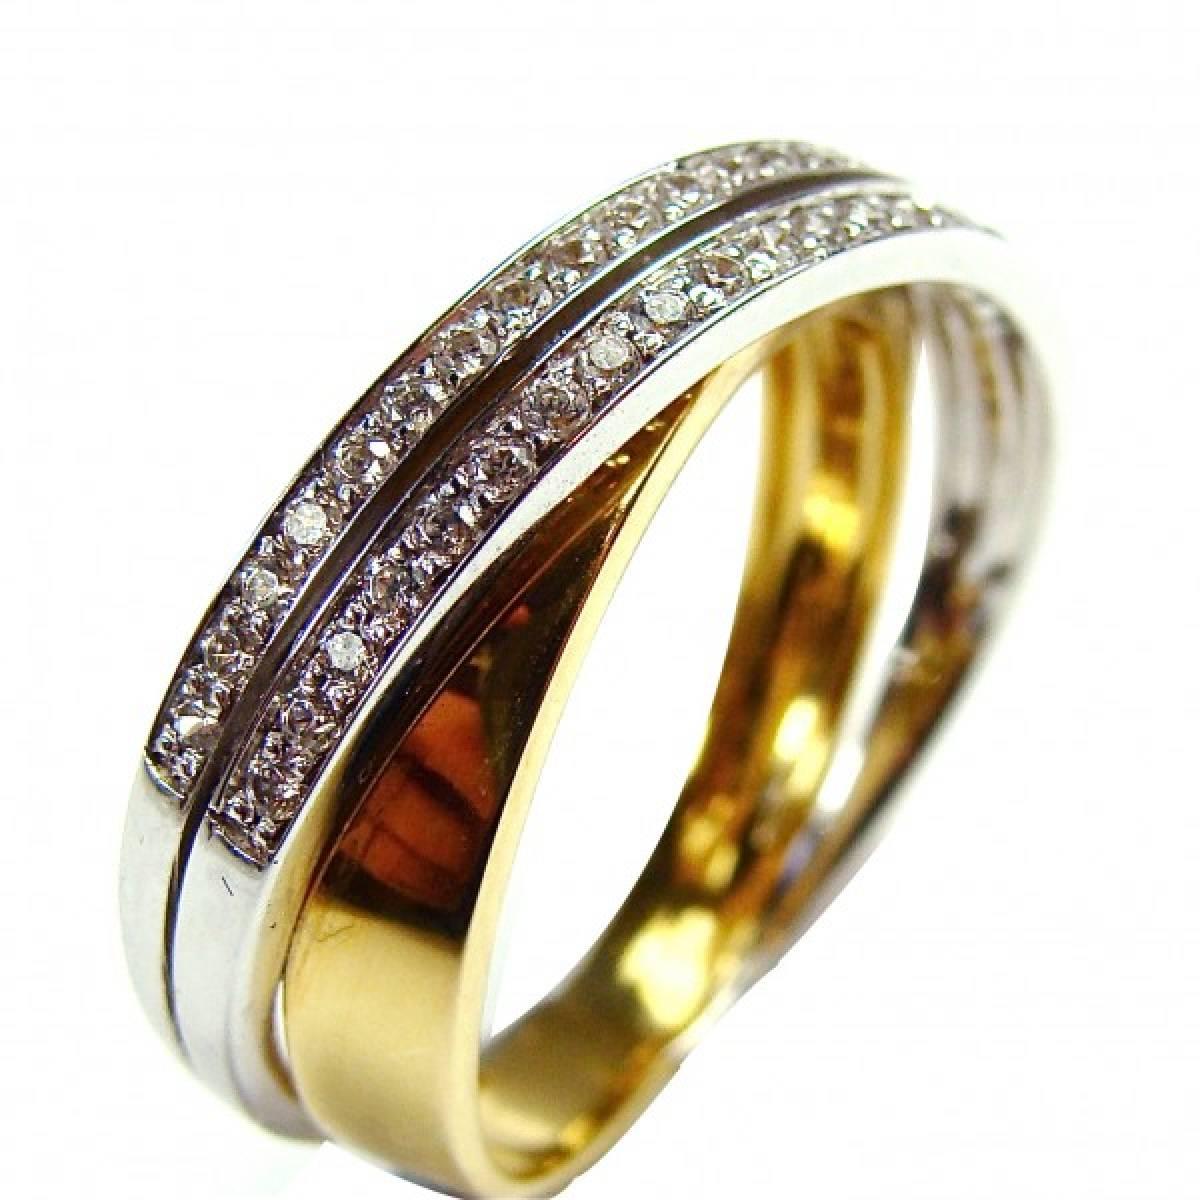 Anel de Noivado em ouro bicolor 9 e 19 kts, com diamantes ou zircónias